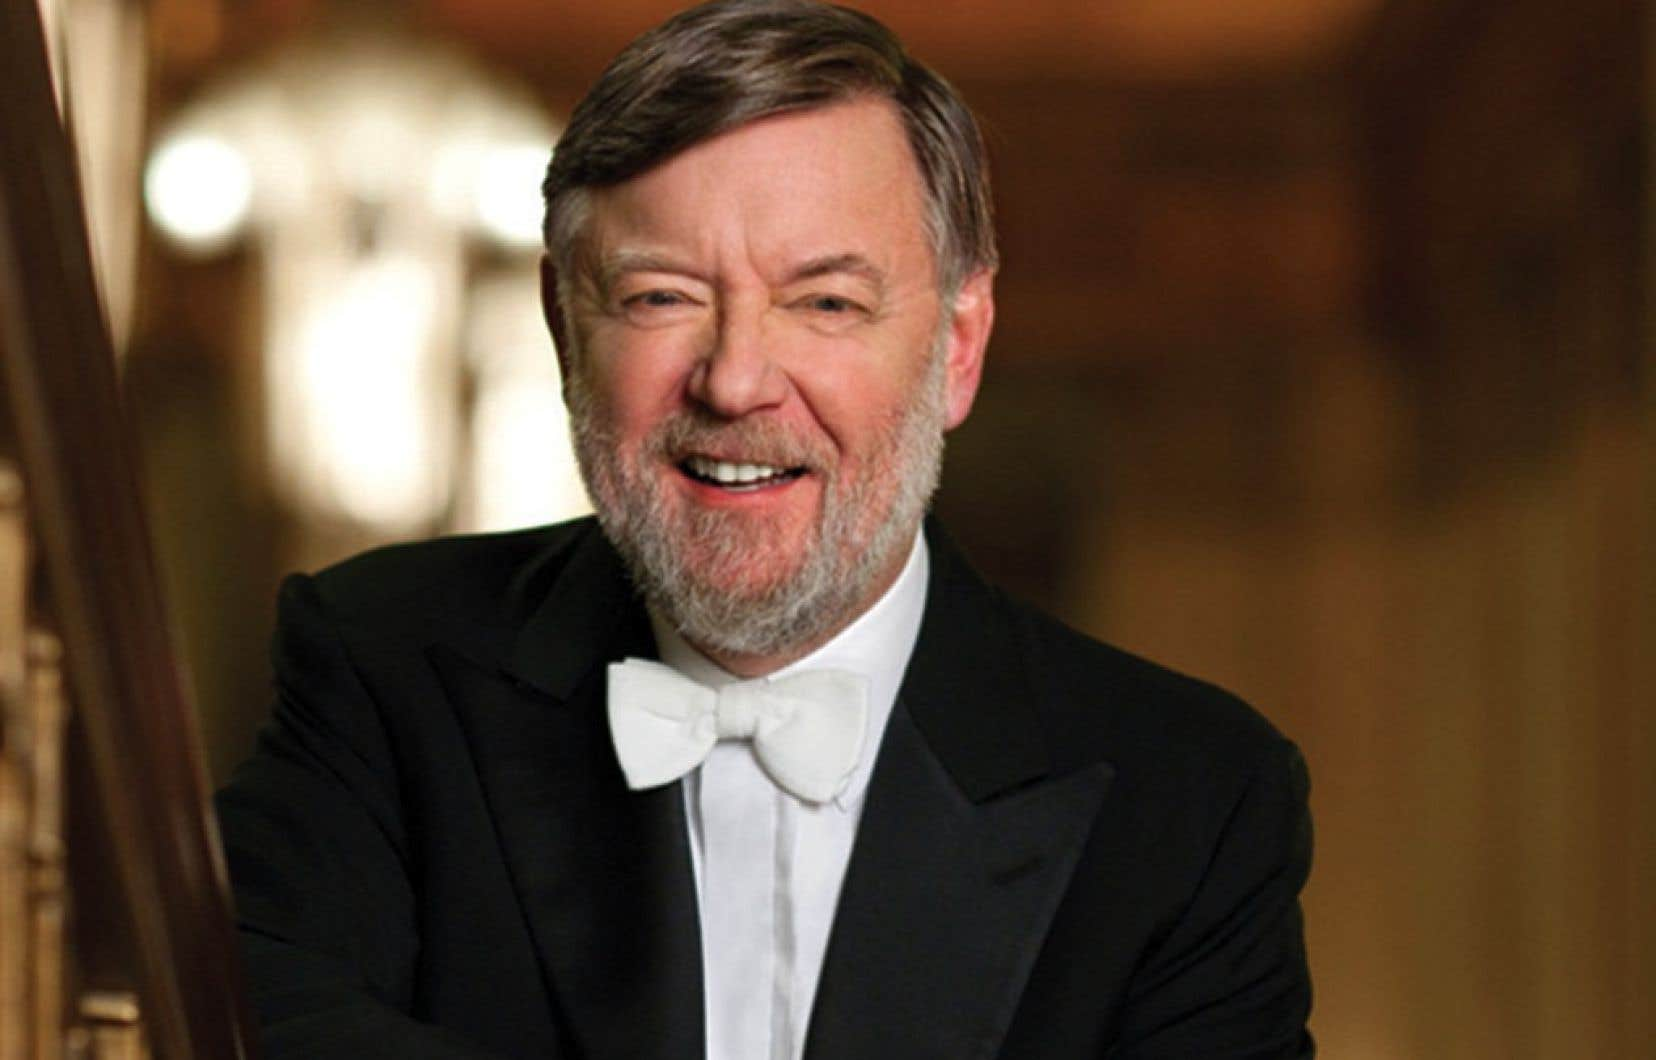 Le concert annuel de l'Orchestre symphonique de Toronto était placé sous la direction d'Andrew Davis, chef vénérable sollicité pour deux ans, le temps que le comité de sélection finalise l'engagement d'un nouveau directeur musical après Peter Oundjian.